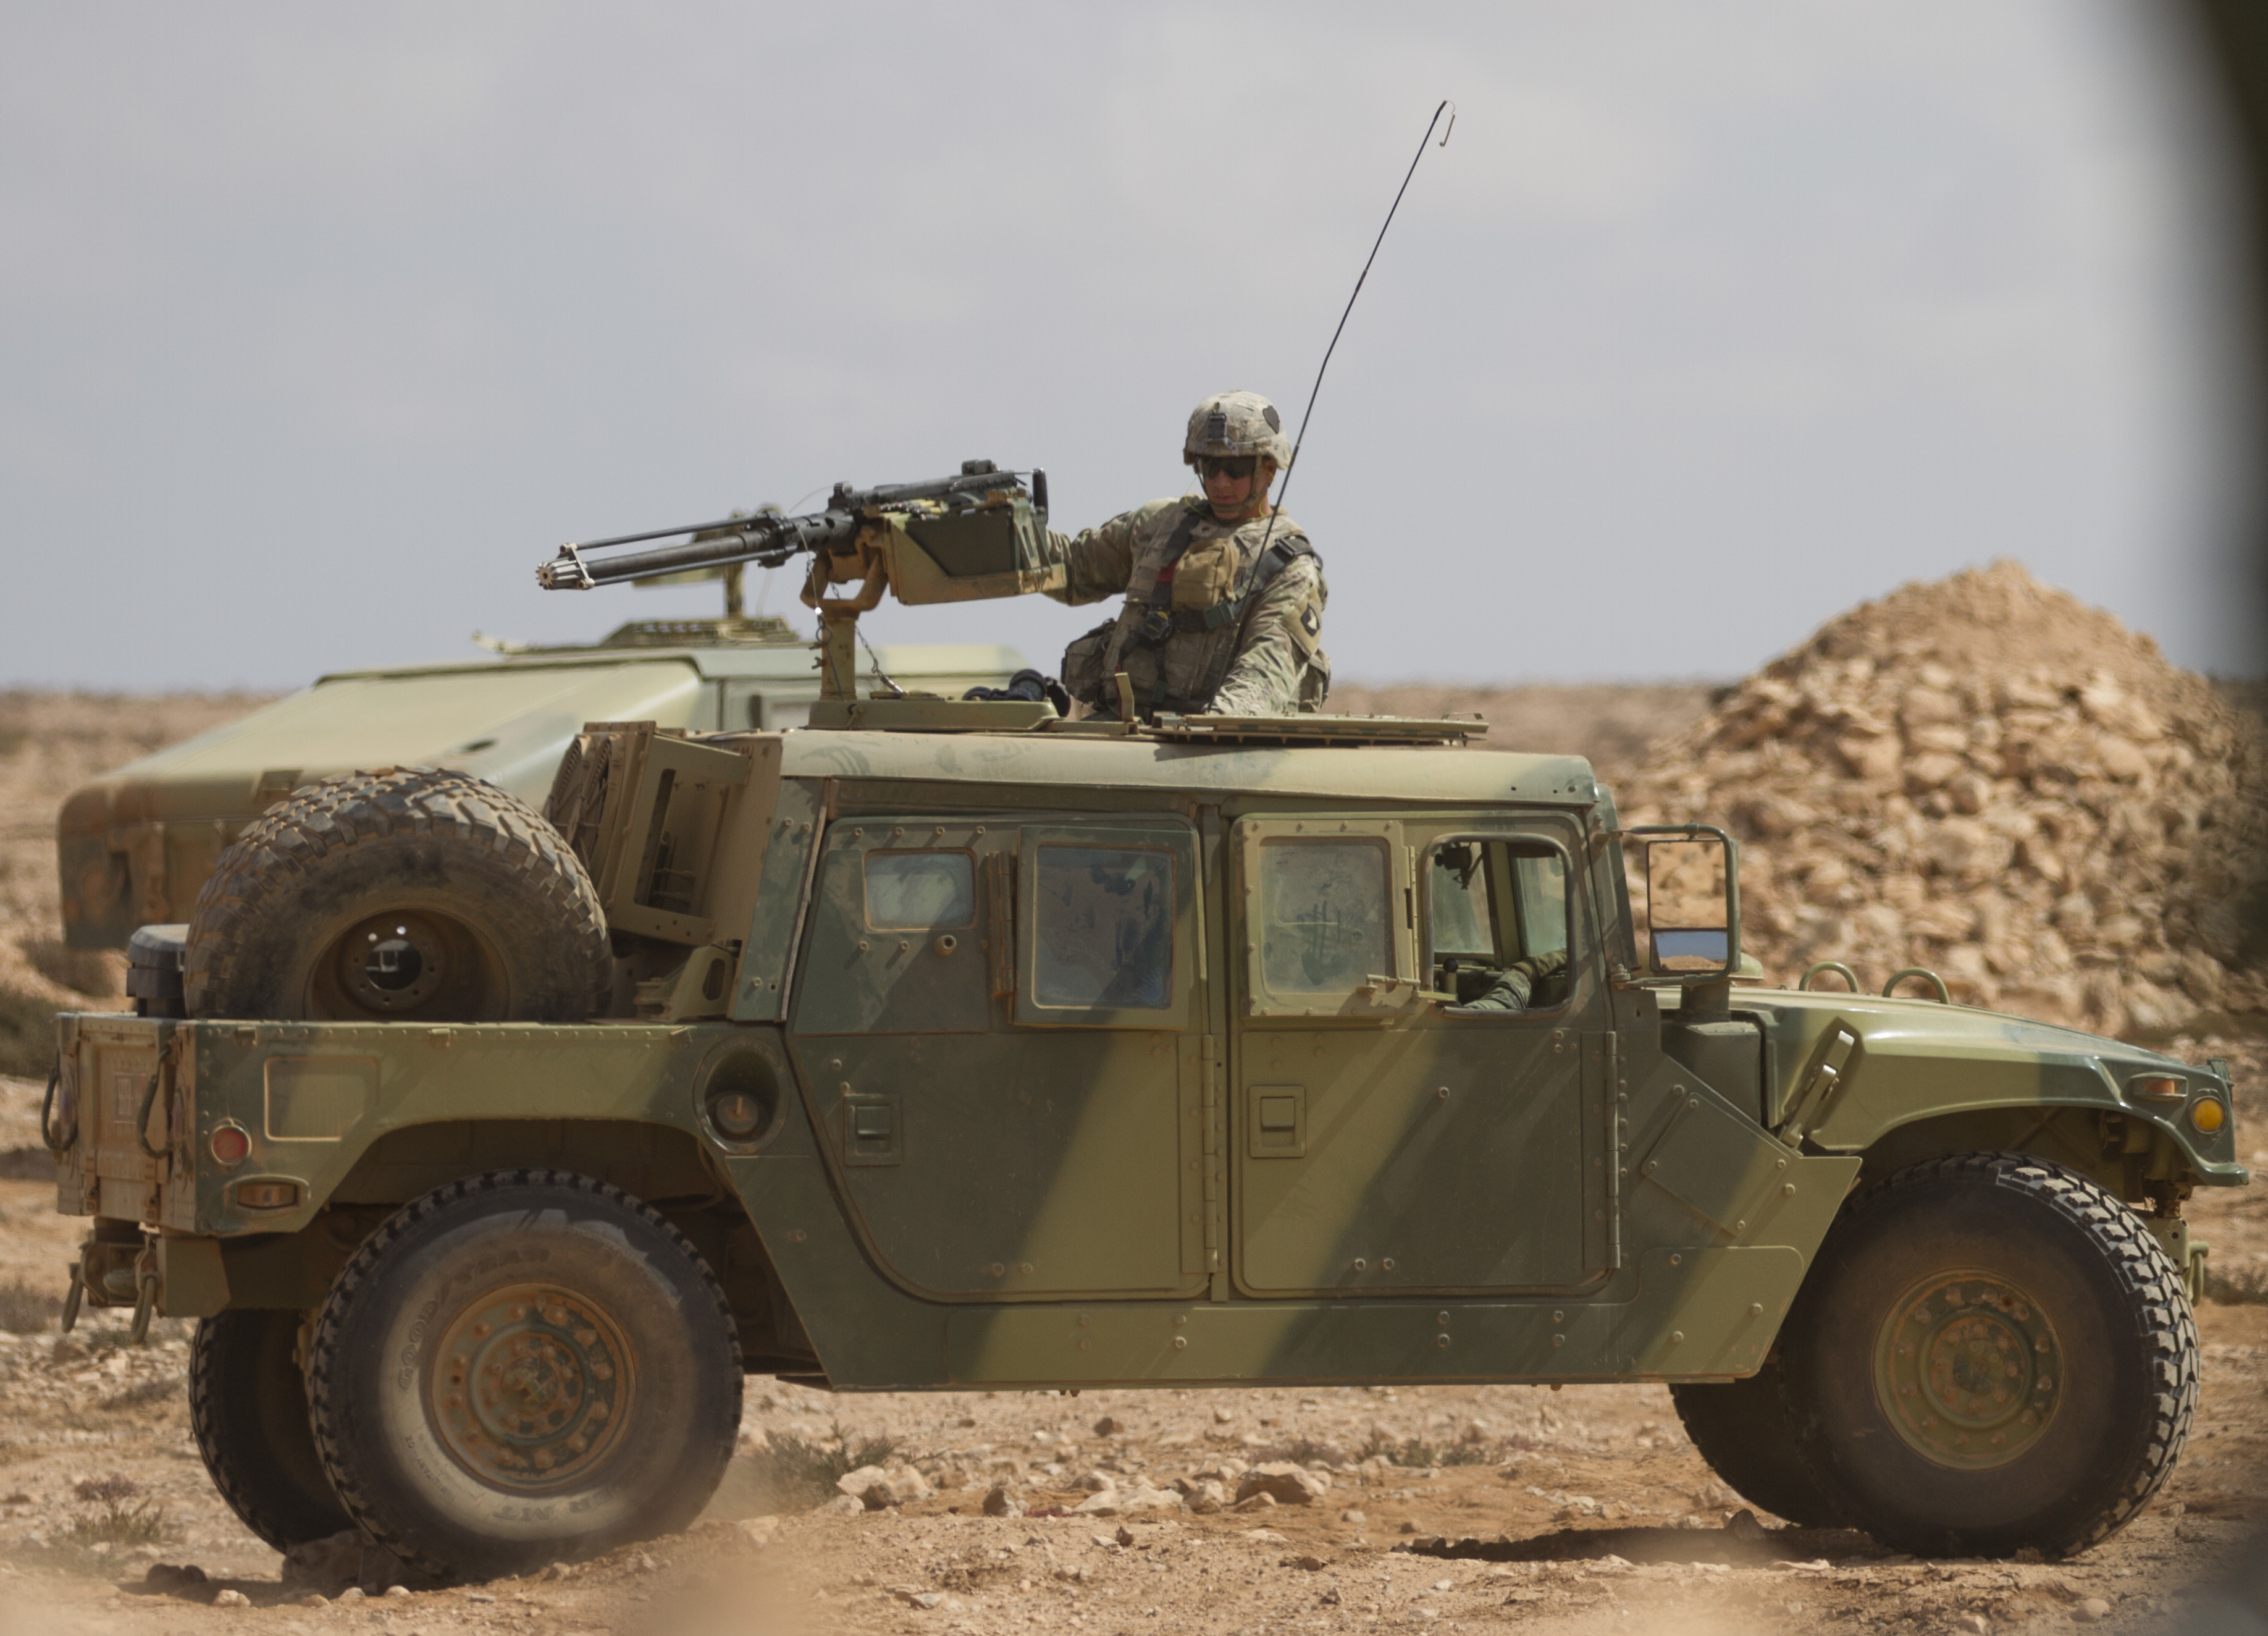 HMMWV et HMMWV Marine Armor Kit (MAK)  - Page 5 49250258406_605eb5ca15_o